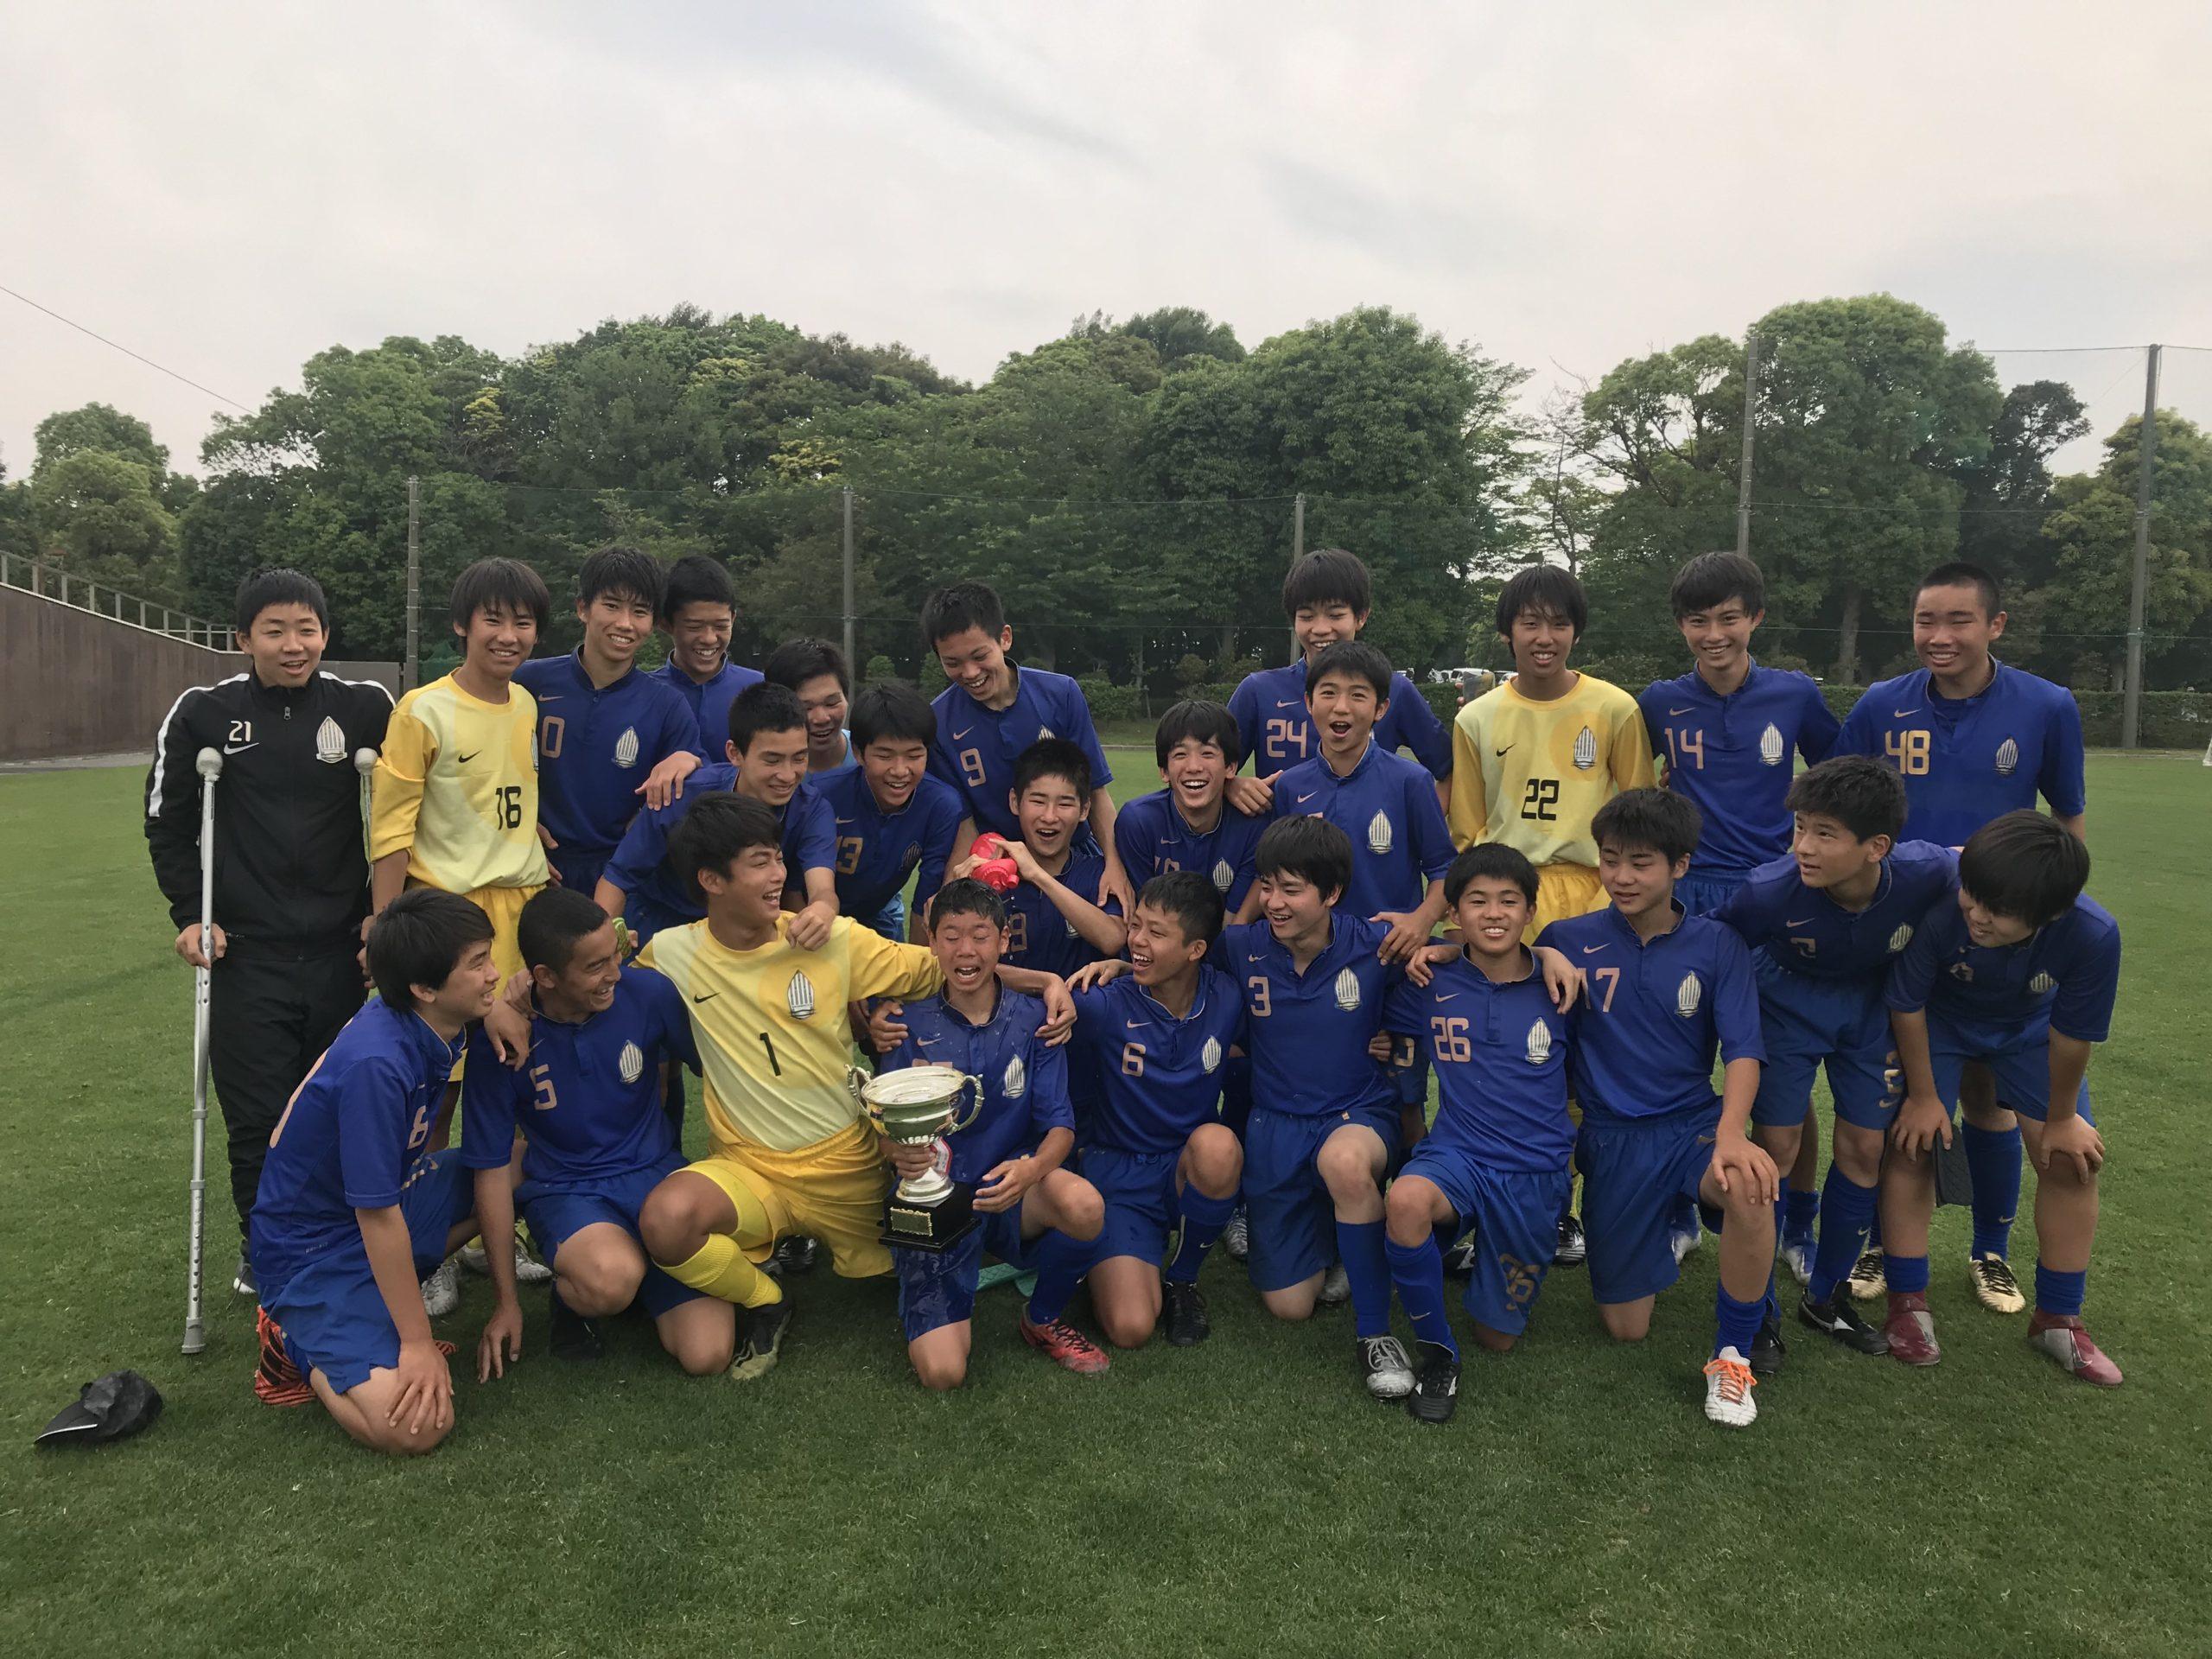 【U15】U-15クラブユース選手権 決勝